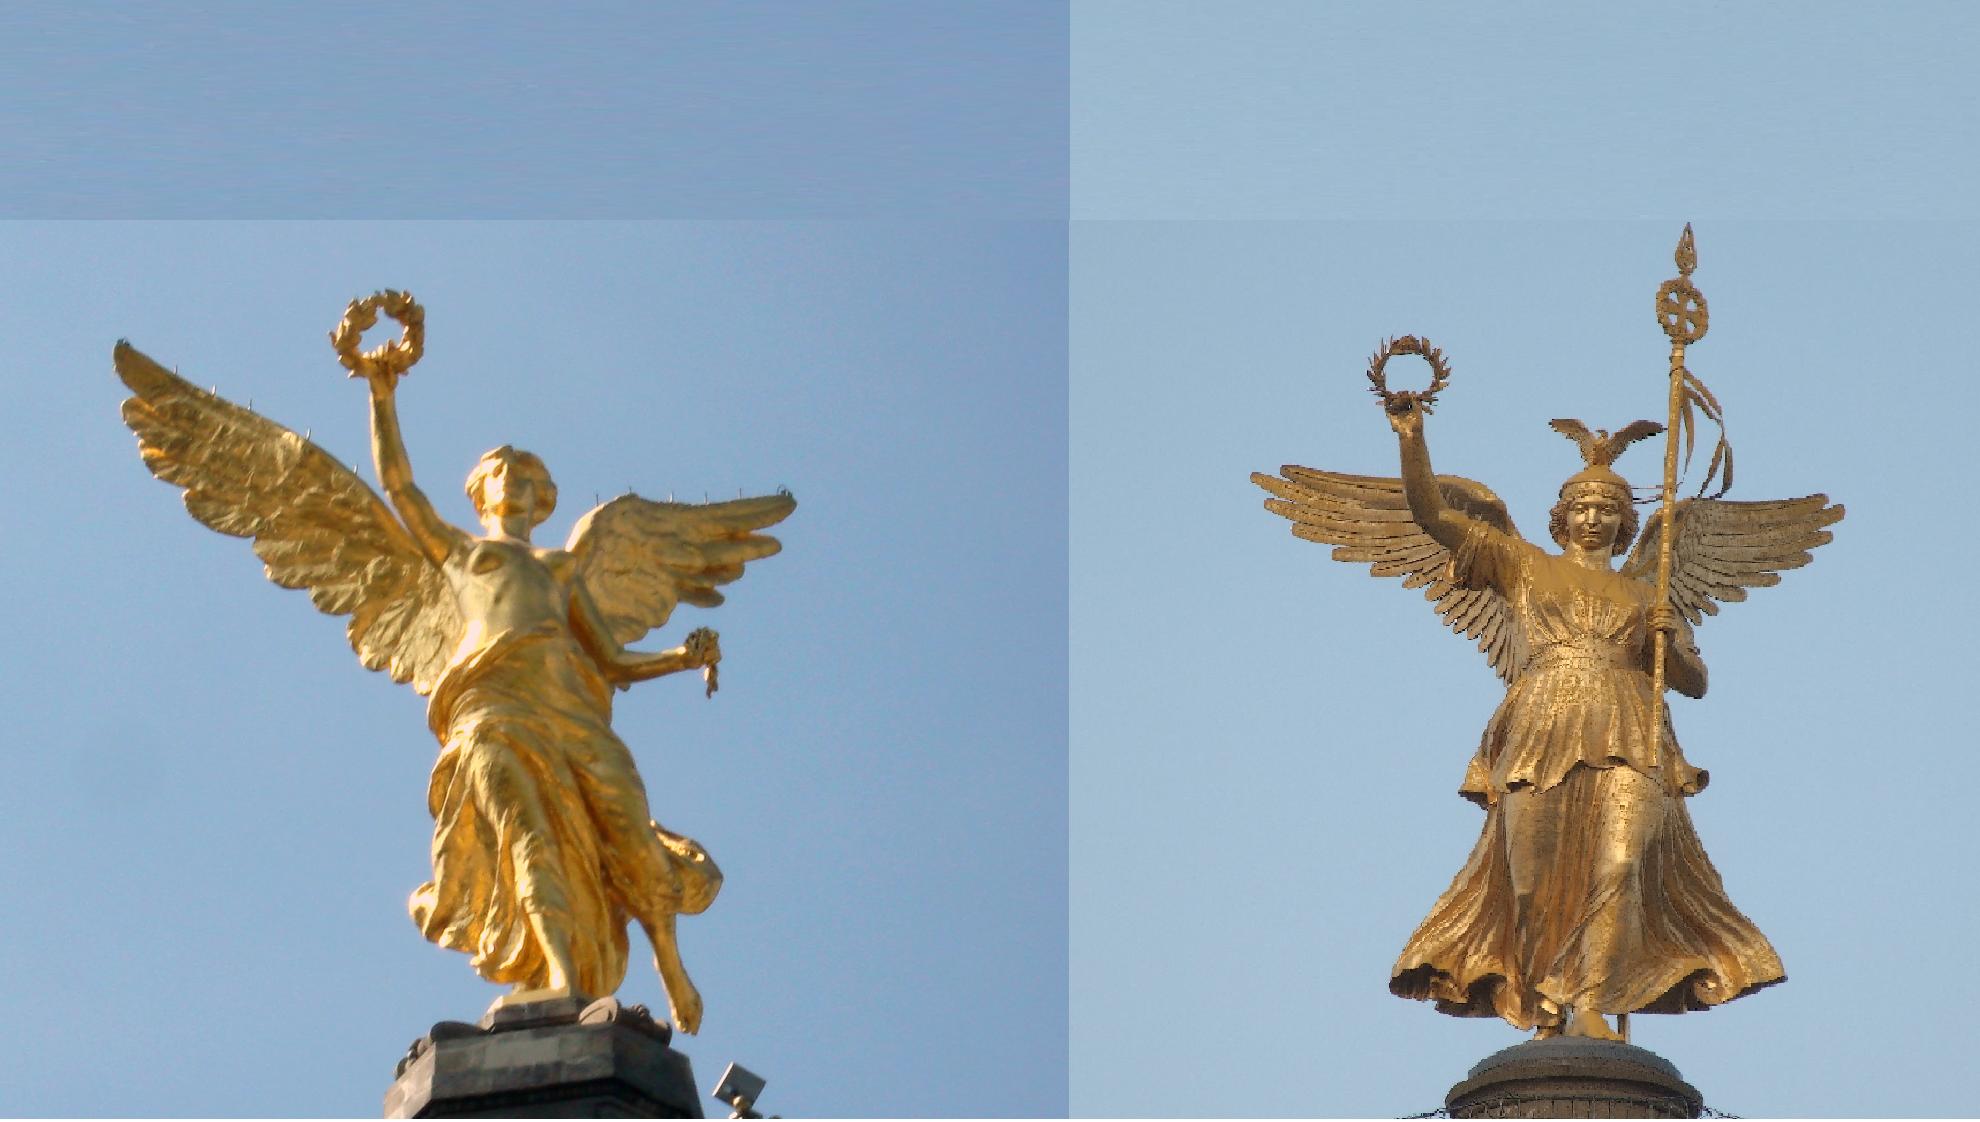 el ángel de la independencia en CDMX y el ángel de Berlin / der Engel der Unabhängigkeit in Mexiko-Stadt und die Goldelse